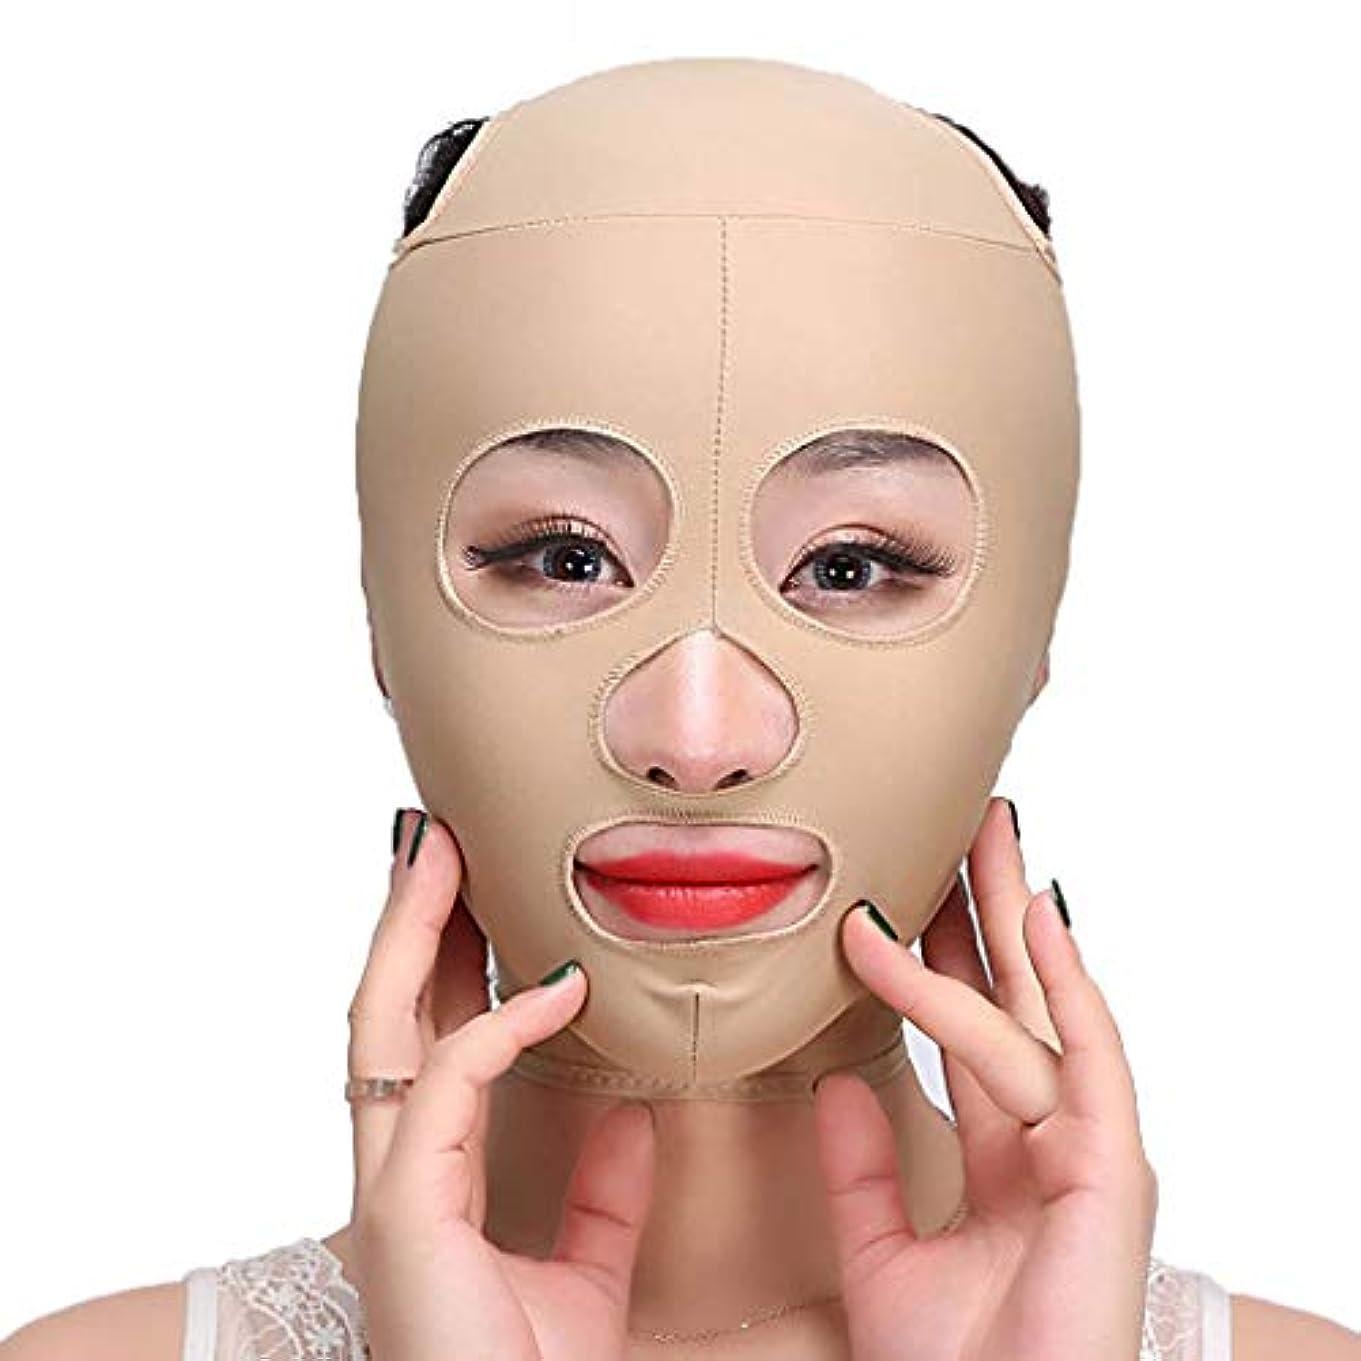 王位同様に時間厳守LJK 痩身ベルト、フェイスマスク薄いフェイス楽器リフティング引き締めVフェイス男性と女性フェイスリフティングステッカーダブルチンフェイスリフティングフェイスマスク包帯フェイシャルマッサージ (Size : L)